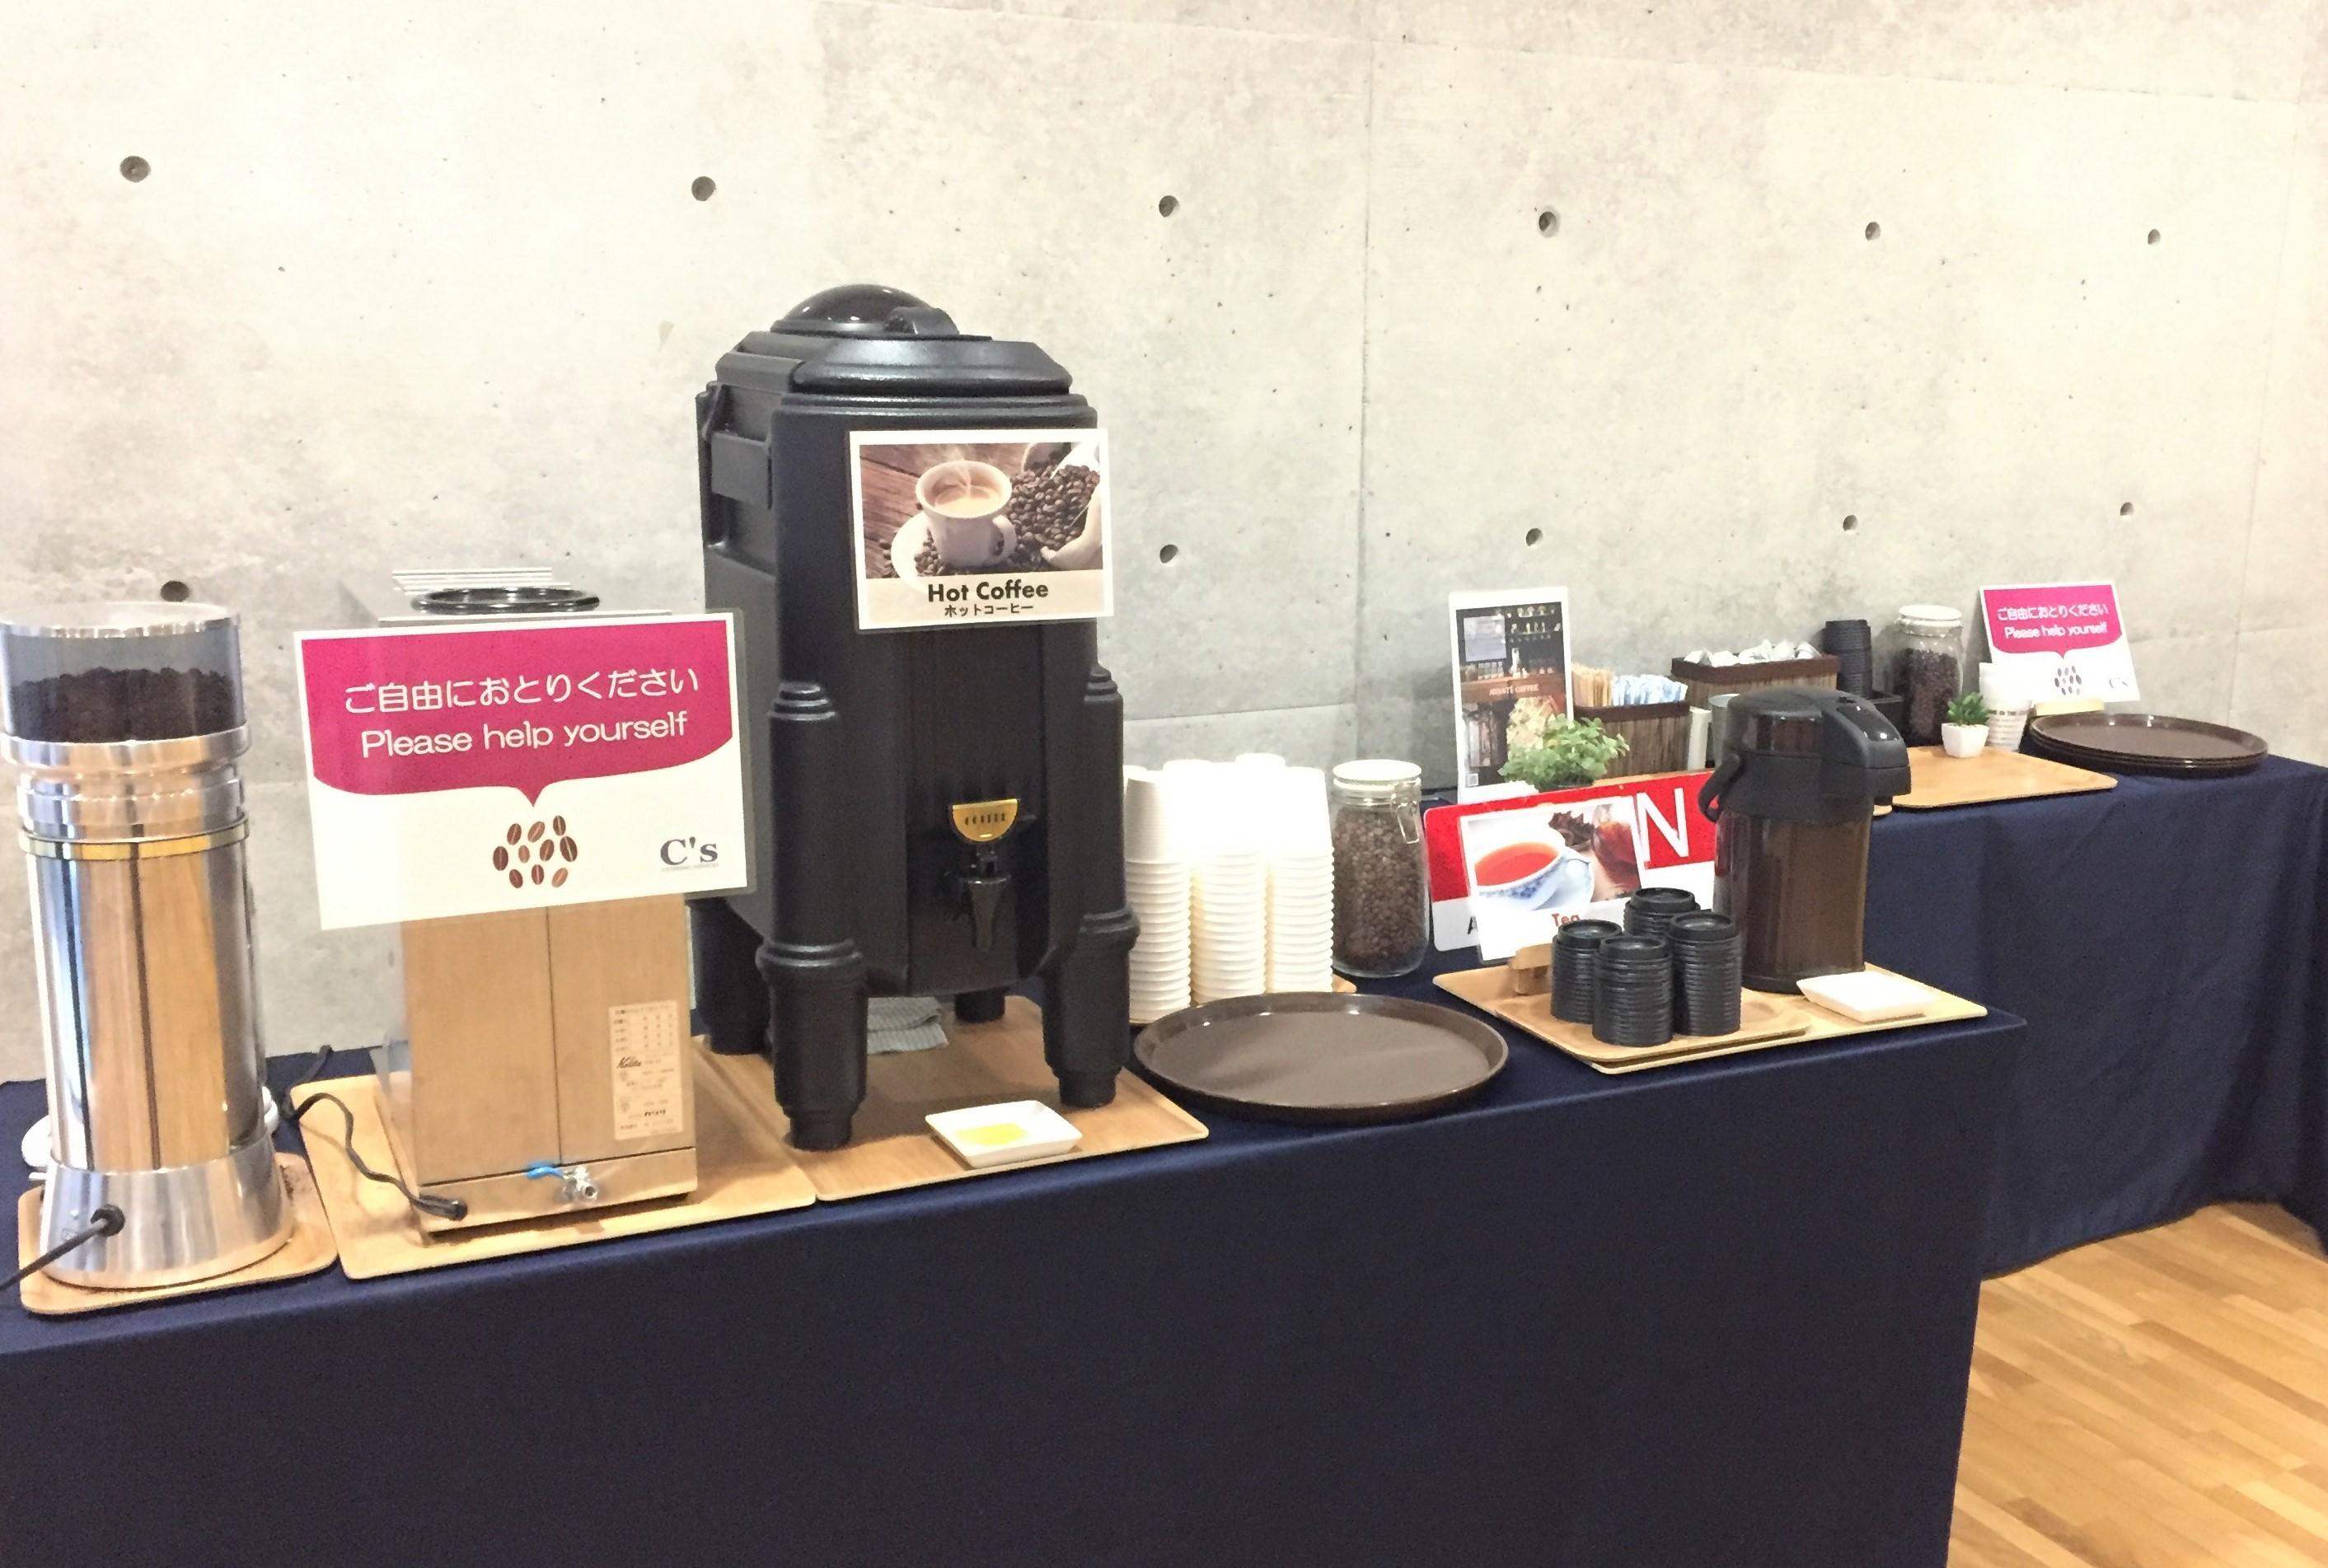 東京大学 福武ホール 国際会議 コーヒーブレイク・サンドイッチボックス